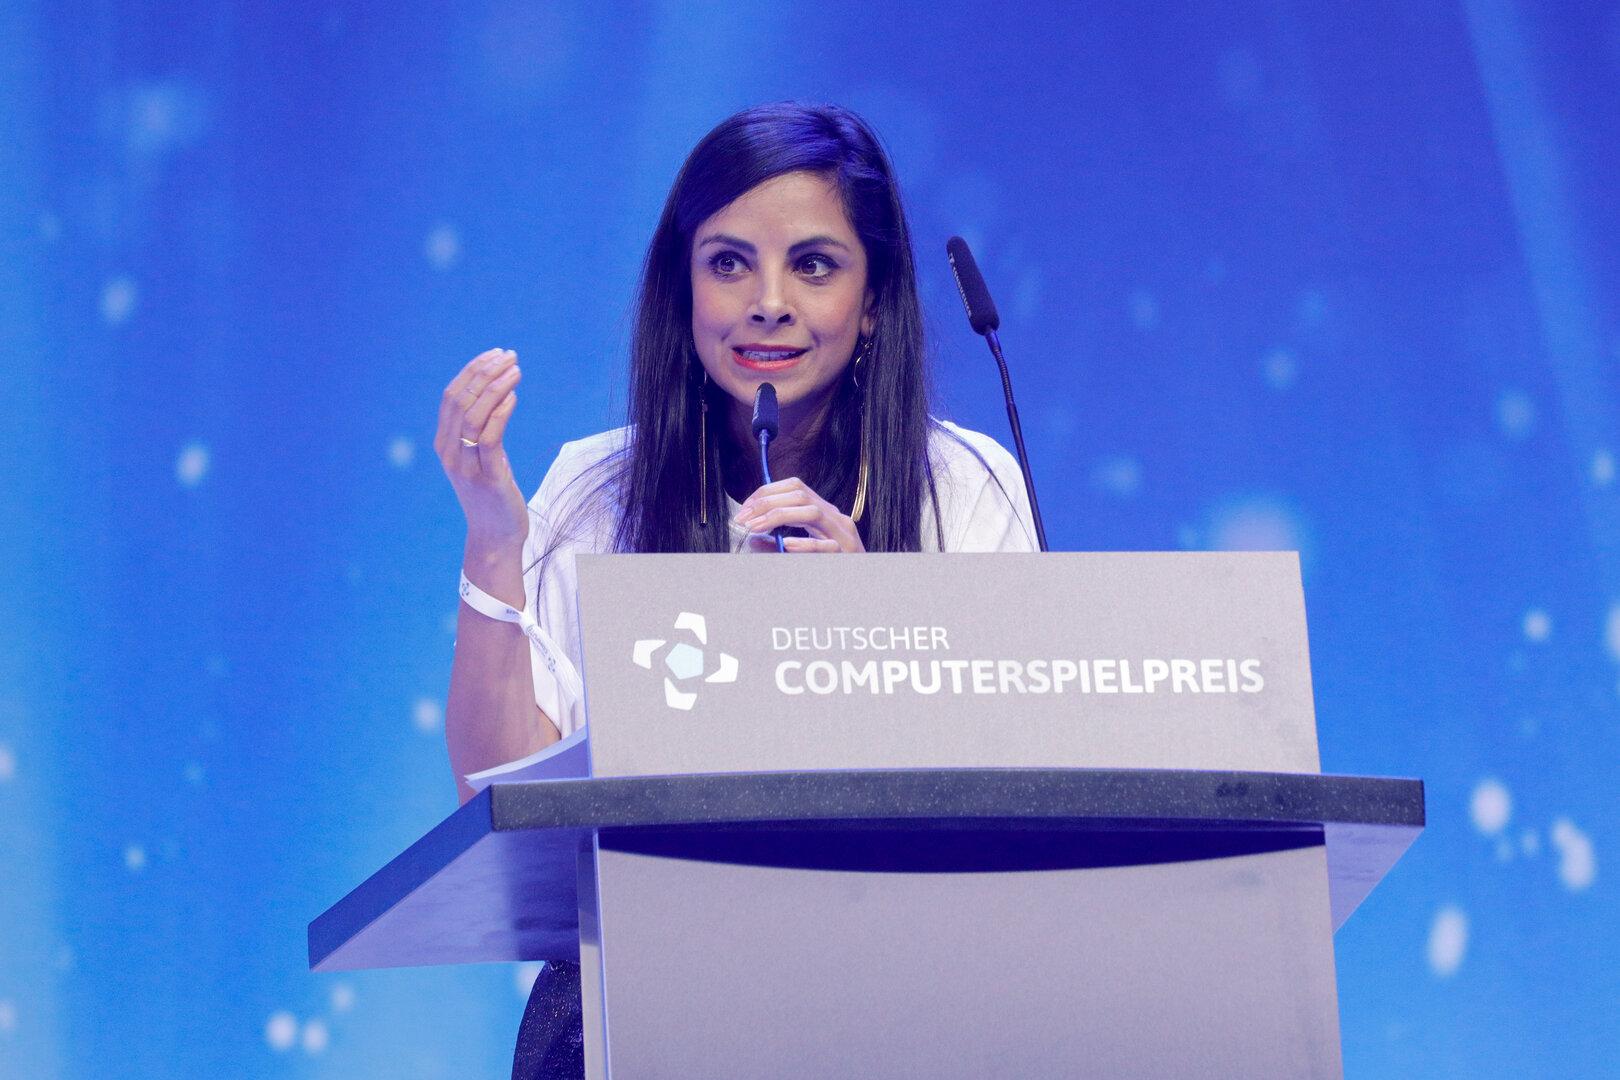 Deutscher Computerspielpreis 2019